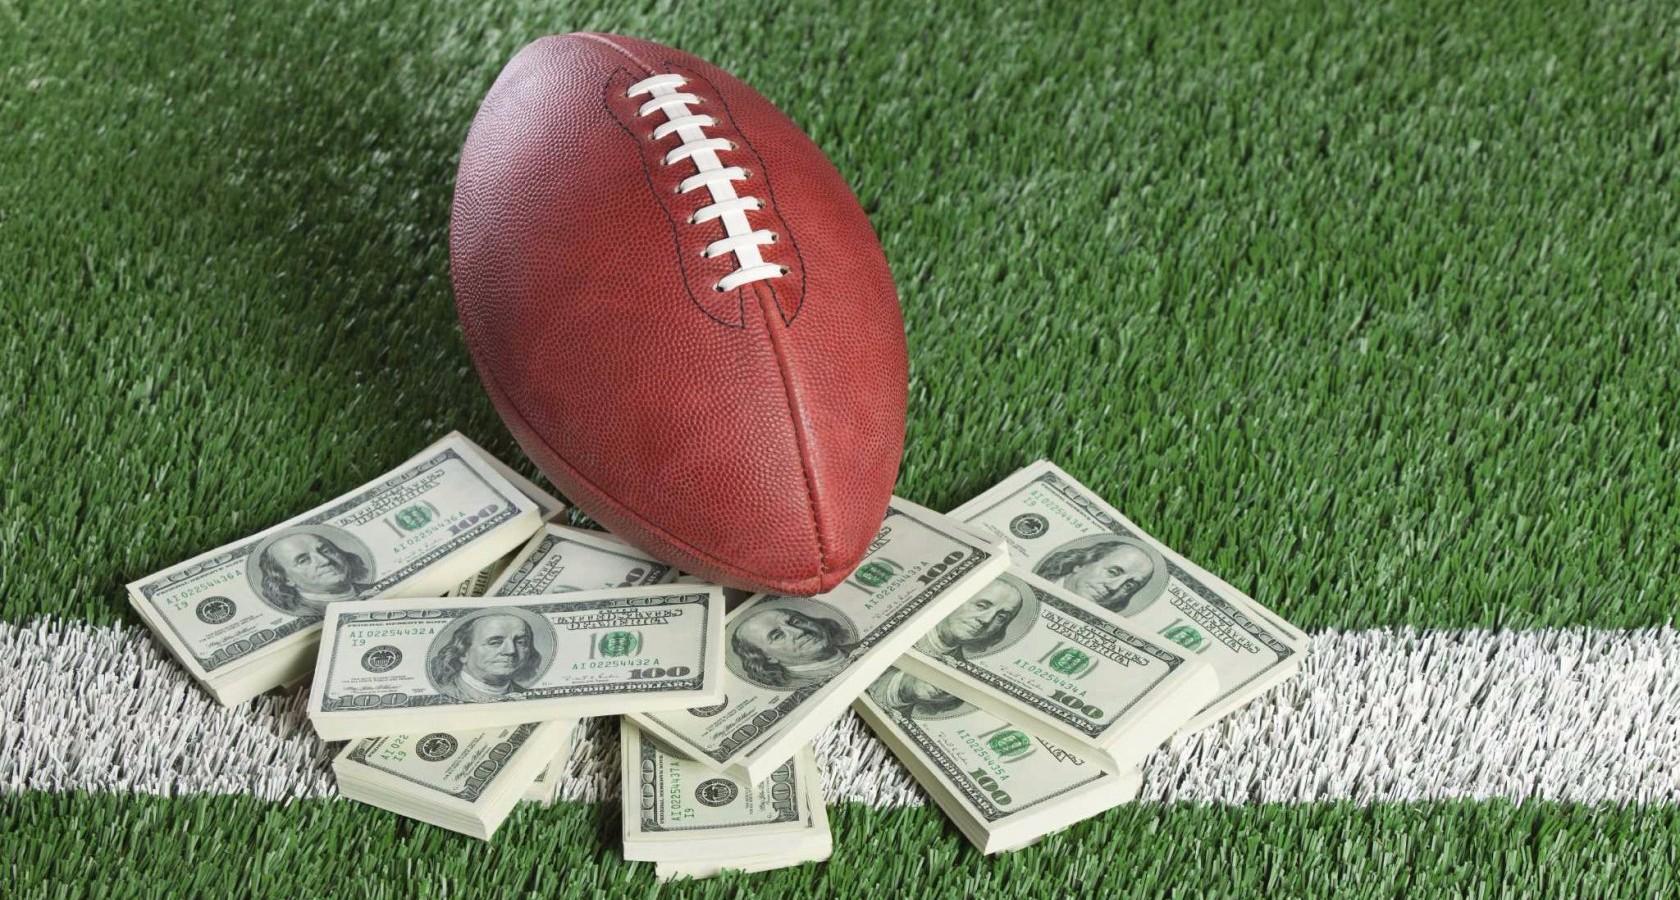 БК Леон: ставки на спорт онлайн в букмекерской конторе